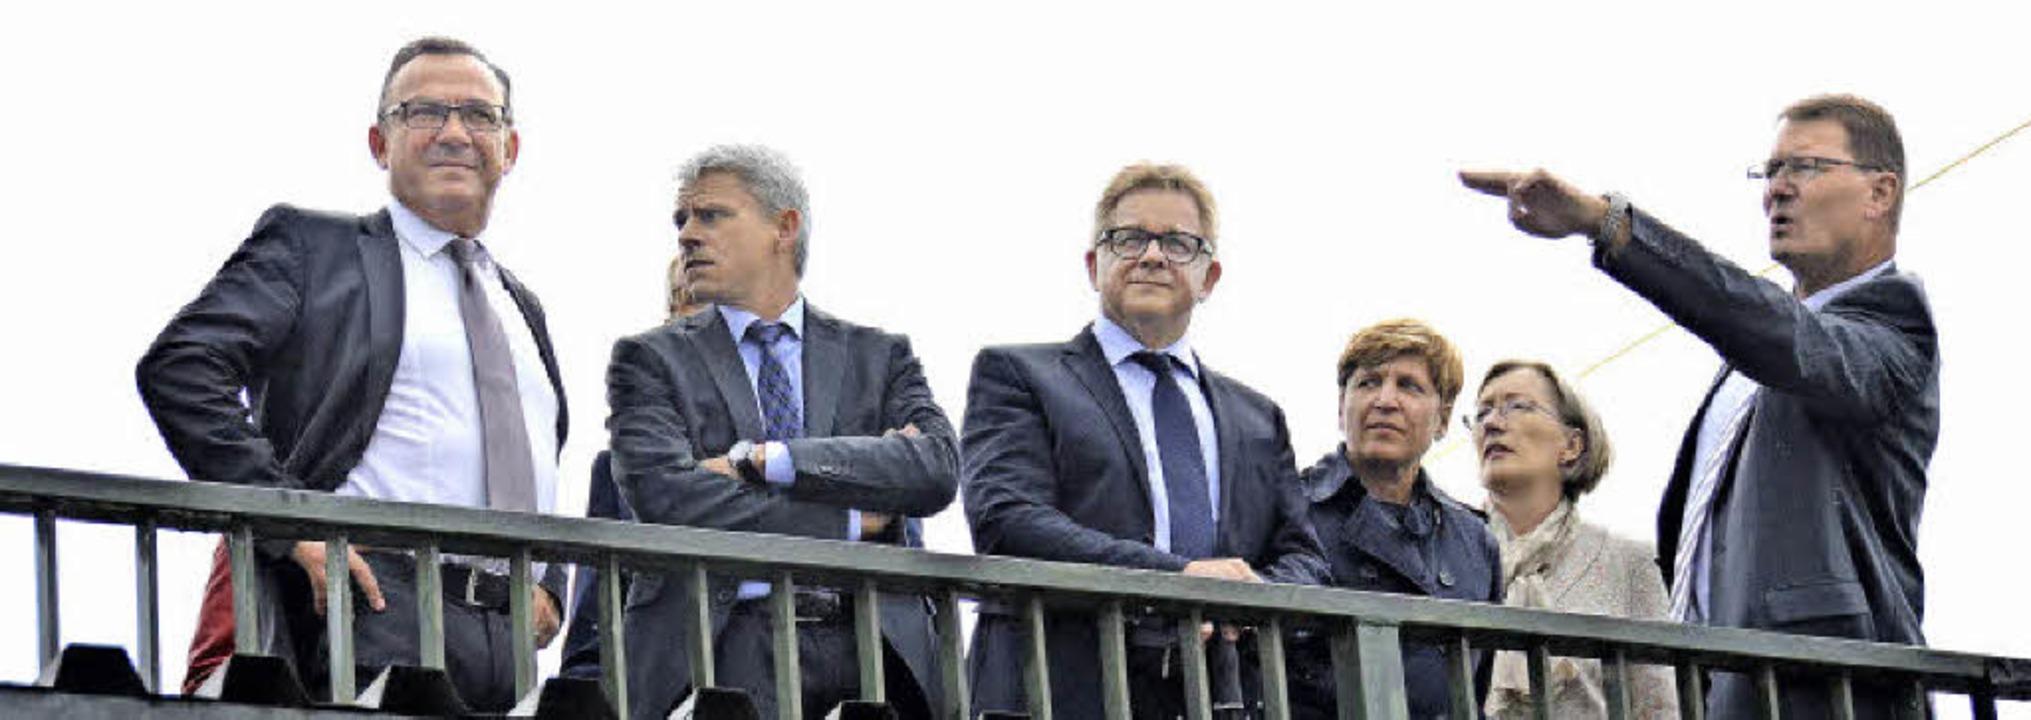 Wer hat noch den Überblick? Auggens Bü...ahnhof die Situation der Rheintalbahn.  | Foto: Alexander  Huber